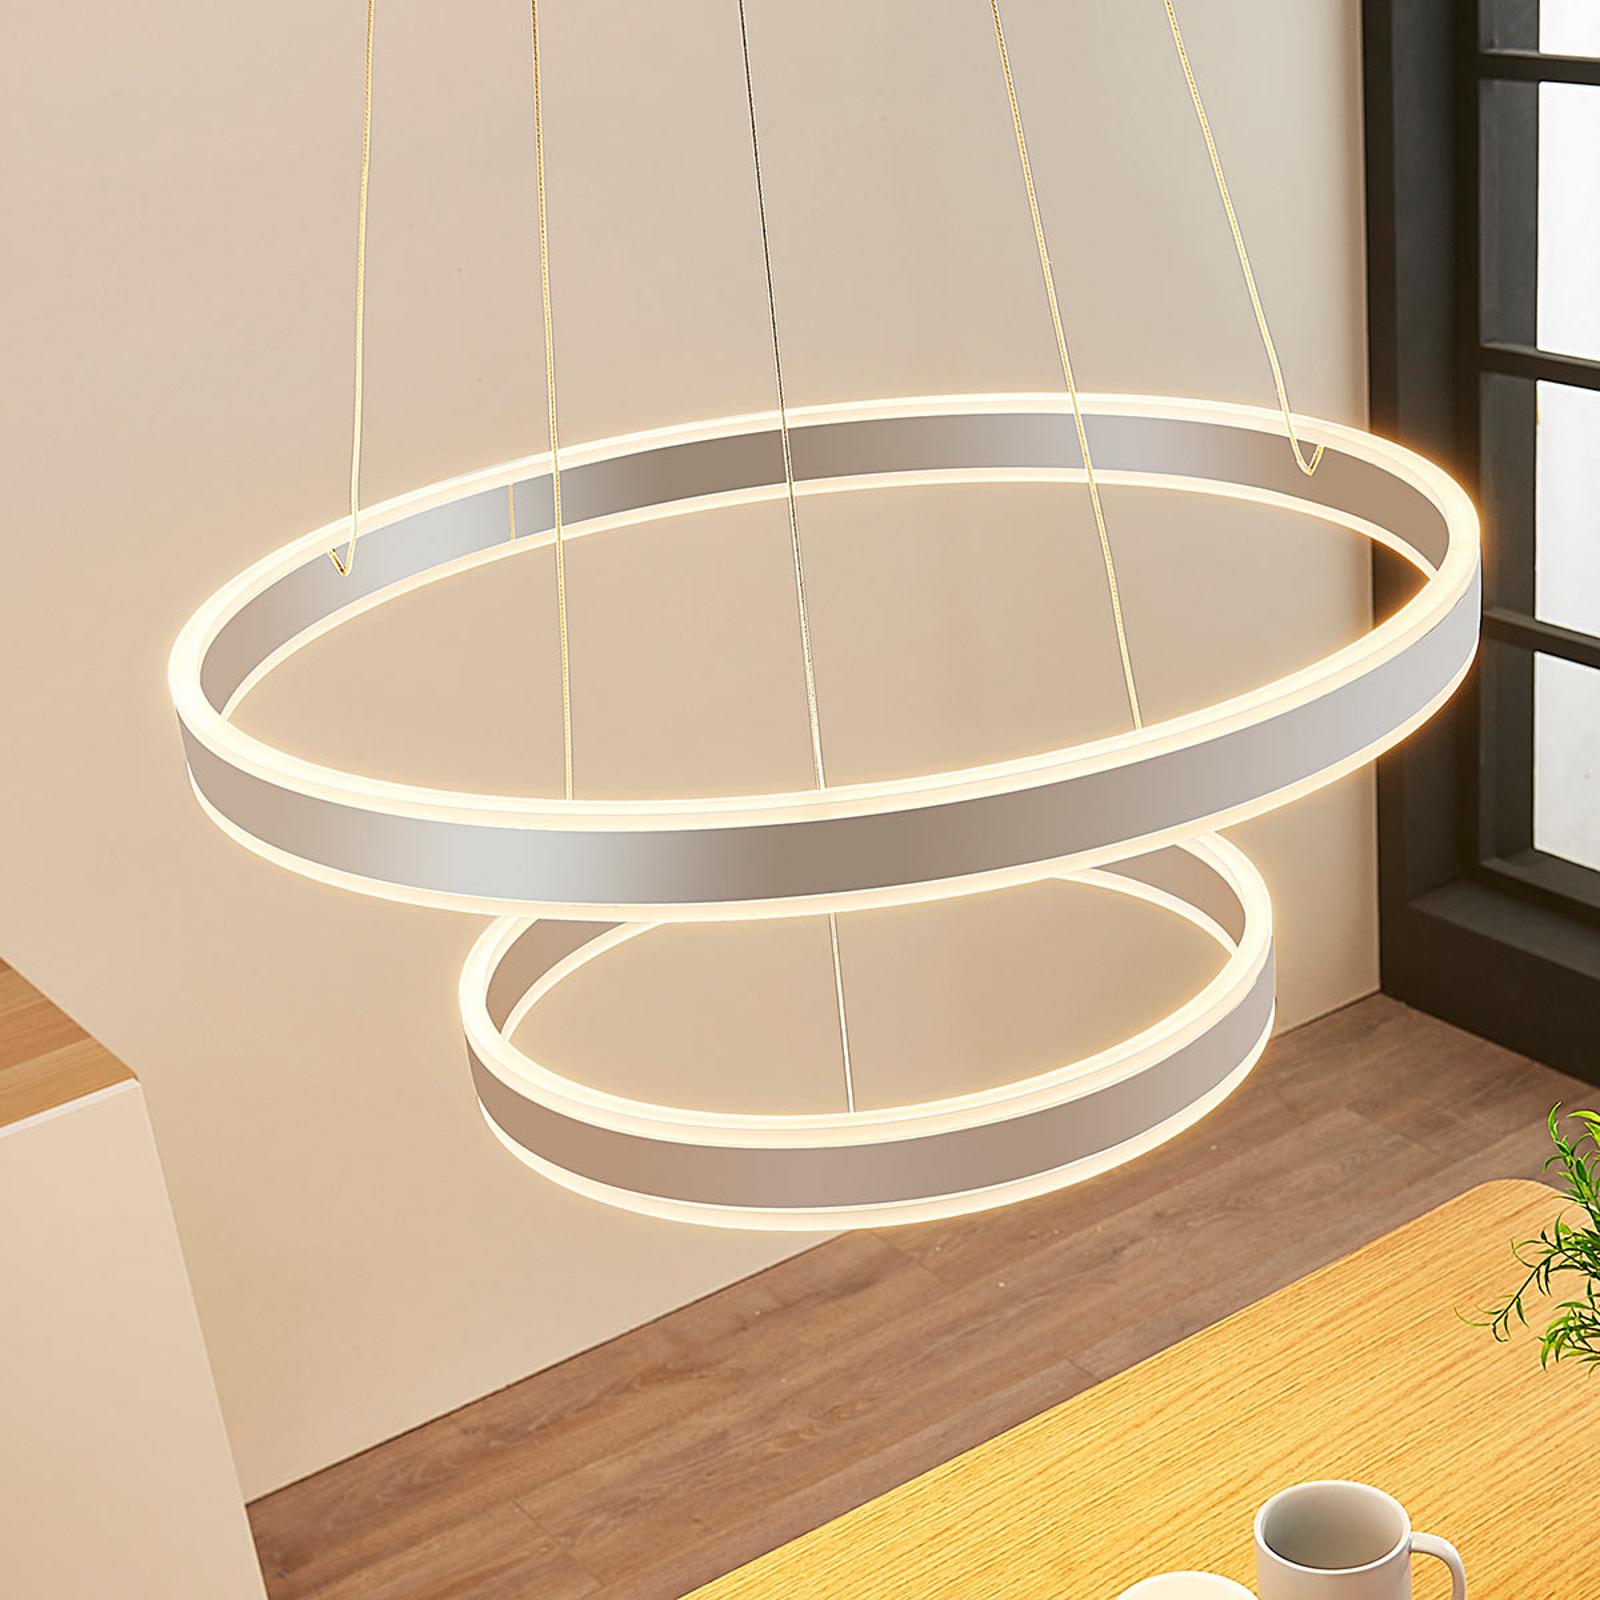 LED-riippuvalaisin Lyani, 2 rengasta allekkain